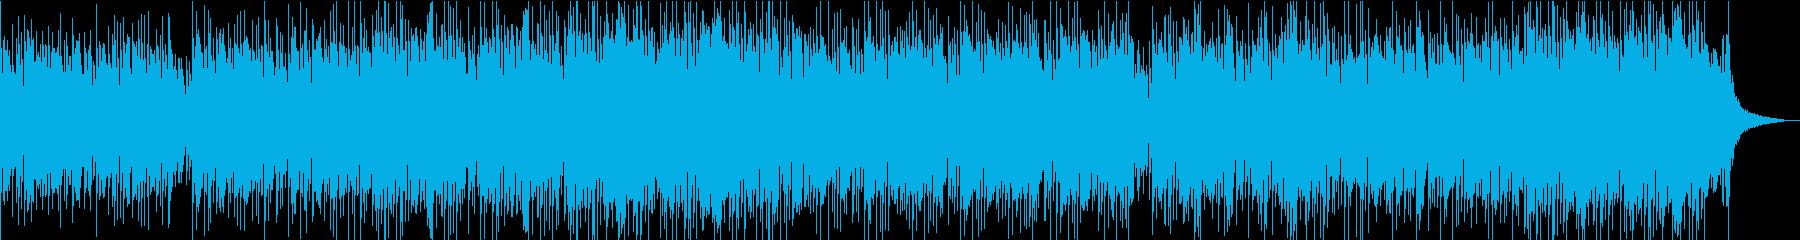 フルートとピアノの明るく爽やかなボサノバの再生済みの波形